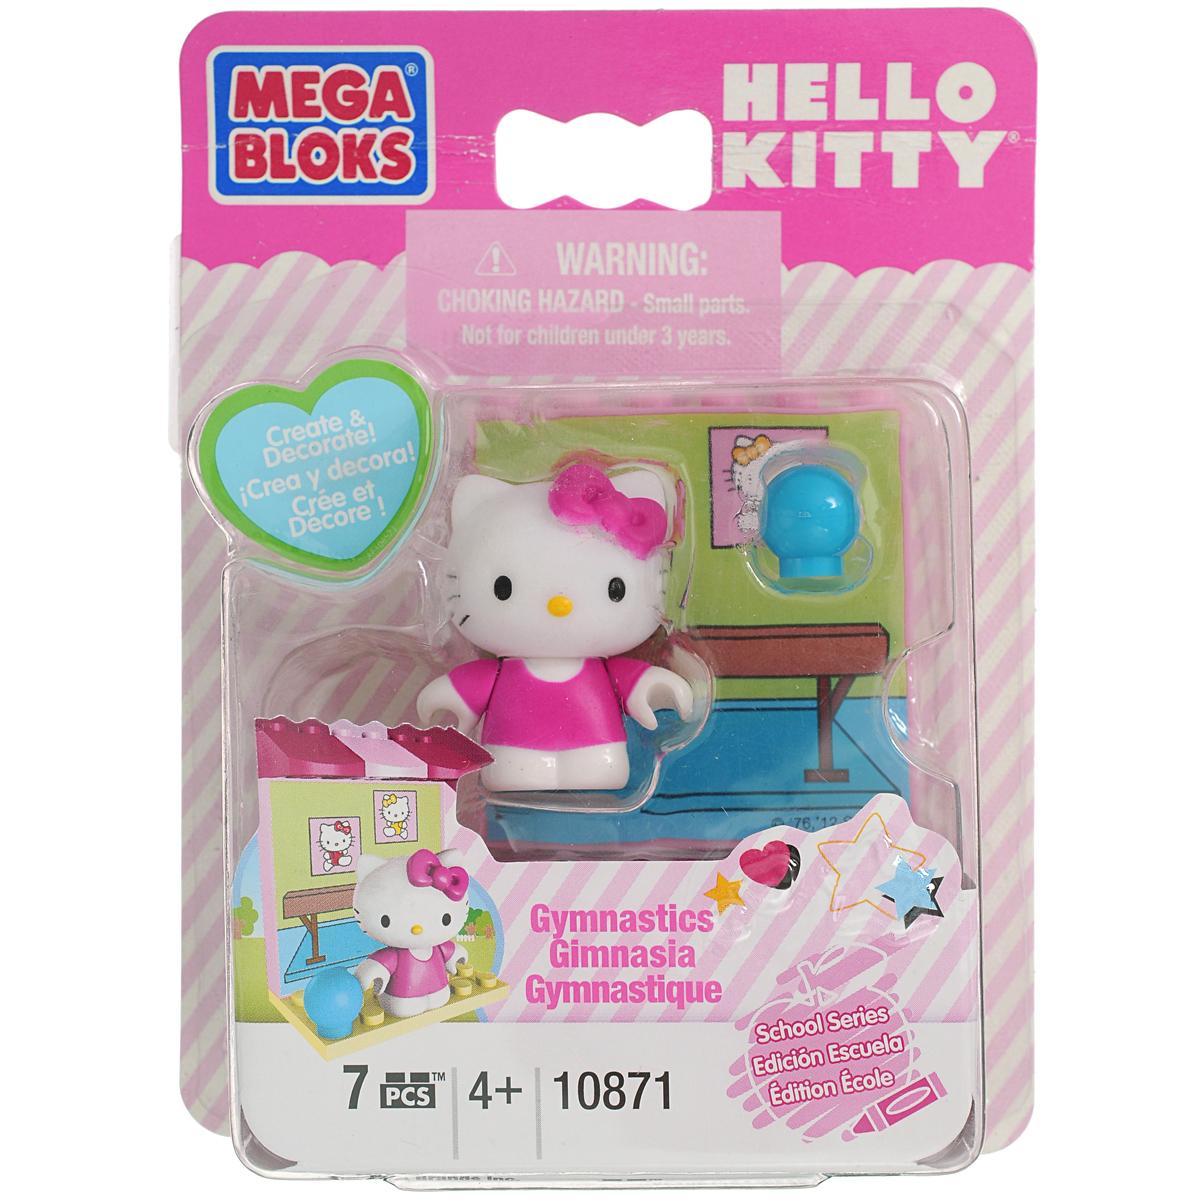 Mega Bloks �����-����������� Hello Kitty: �����. ����������, 7 ��������� - Mega Bloks10871-gimnastika/ast10810(10852,10853,10854,10855,10870,10871,10872,10876)� ���������� �� ���� ���� ����� ������� ���������� ����� ���, �� ��� �� ��� �� �������. ��� � ������� Hello Kitty ��������� ����� ��� ��� ������� - ����������. �����-����������� Mega Bloks Hello Kitty: �����. ���������� �������� �� ����� ����������� �������������� ������� �����. �� �������� ���� ����������� ���������, � ��� ����� � ������� ������� �����, ������ � ������� ������� ��������, ������� �� ����� ������ ��������� ���������� � �������������� ������. ����� � ������ ����������� ���������� �� ������ ������������. ���� ������� ������ ����� ������ � �������, ���������� ��������� ������� ������ � ��������.